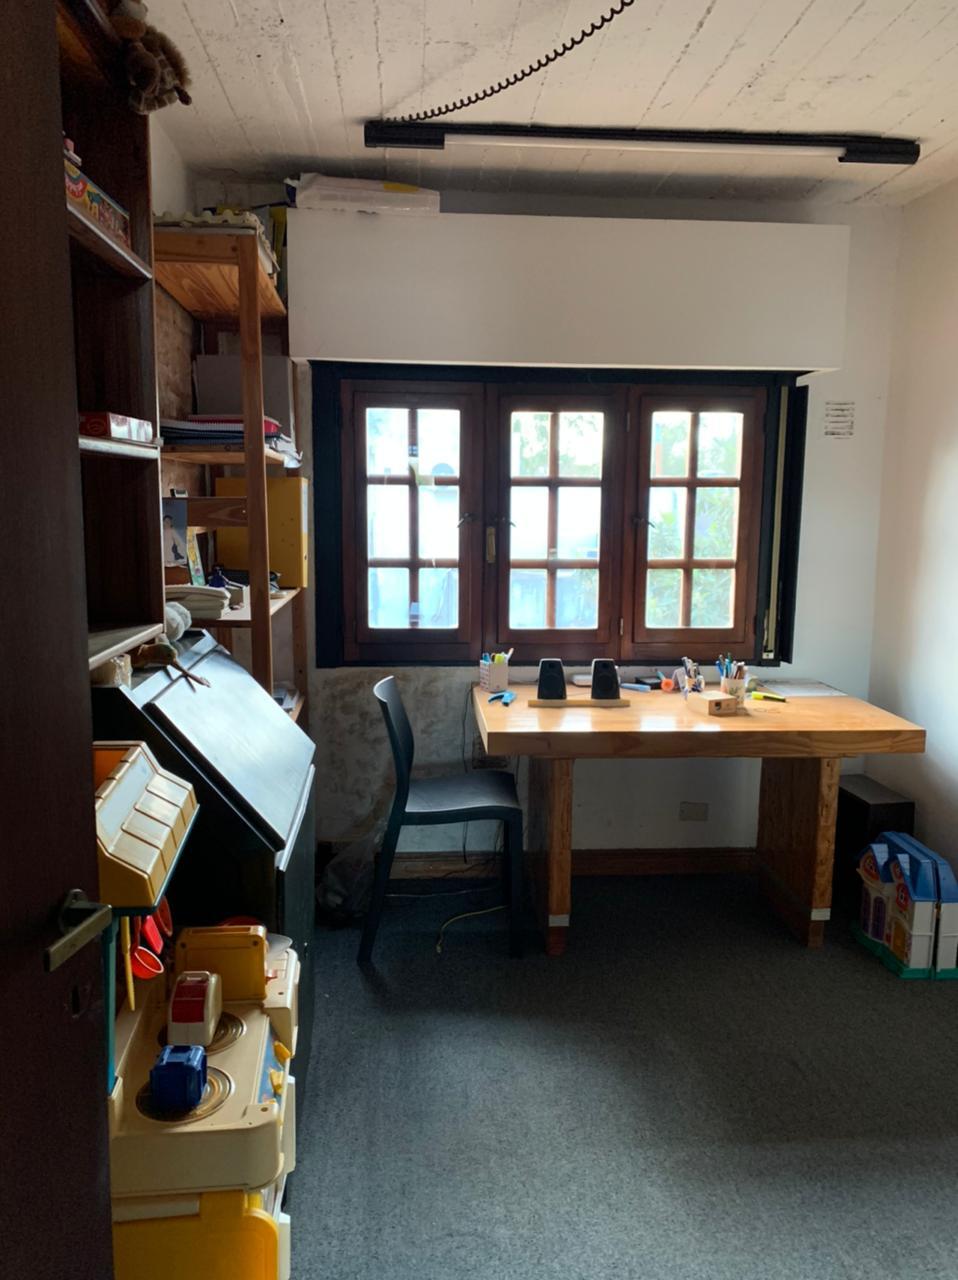 Office Photo 3